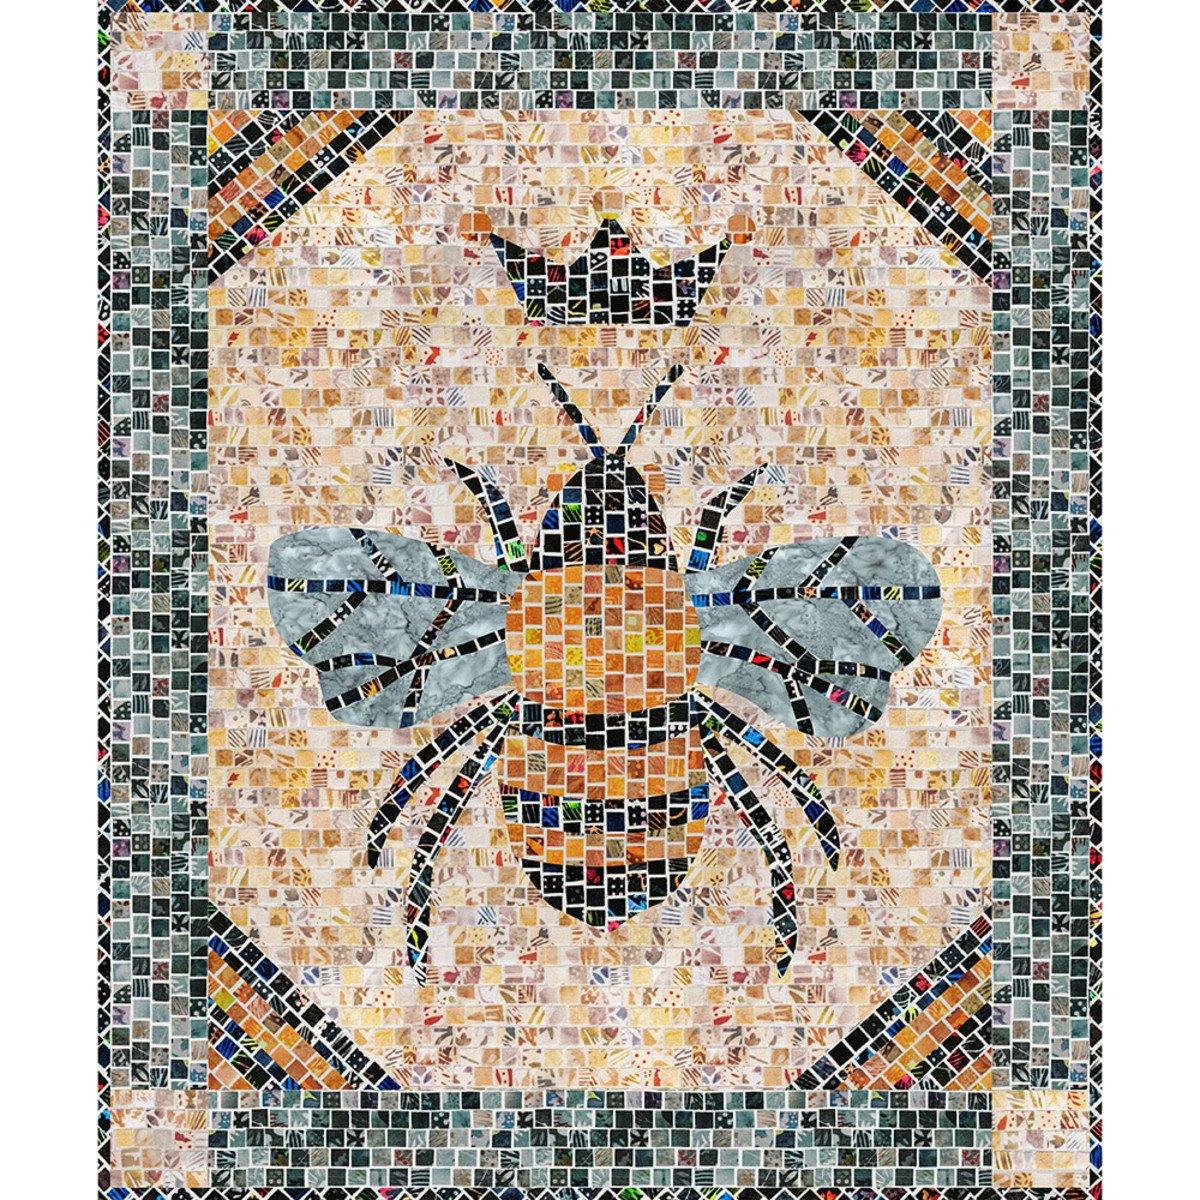 Queen Bee Mosaic Masterpiece kit